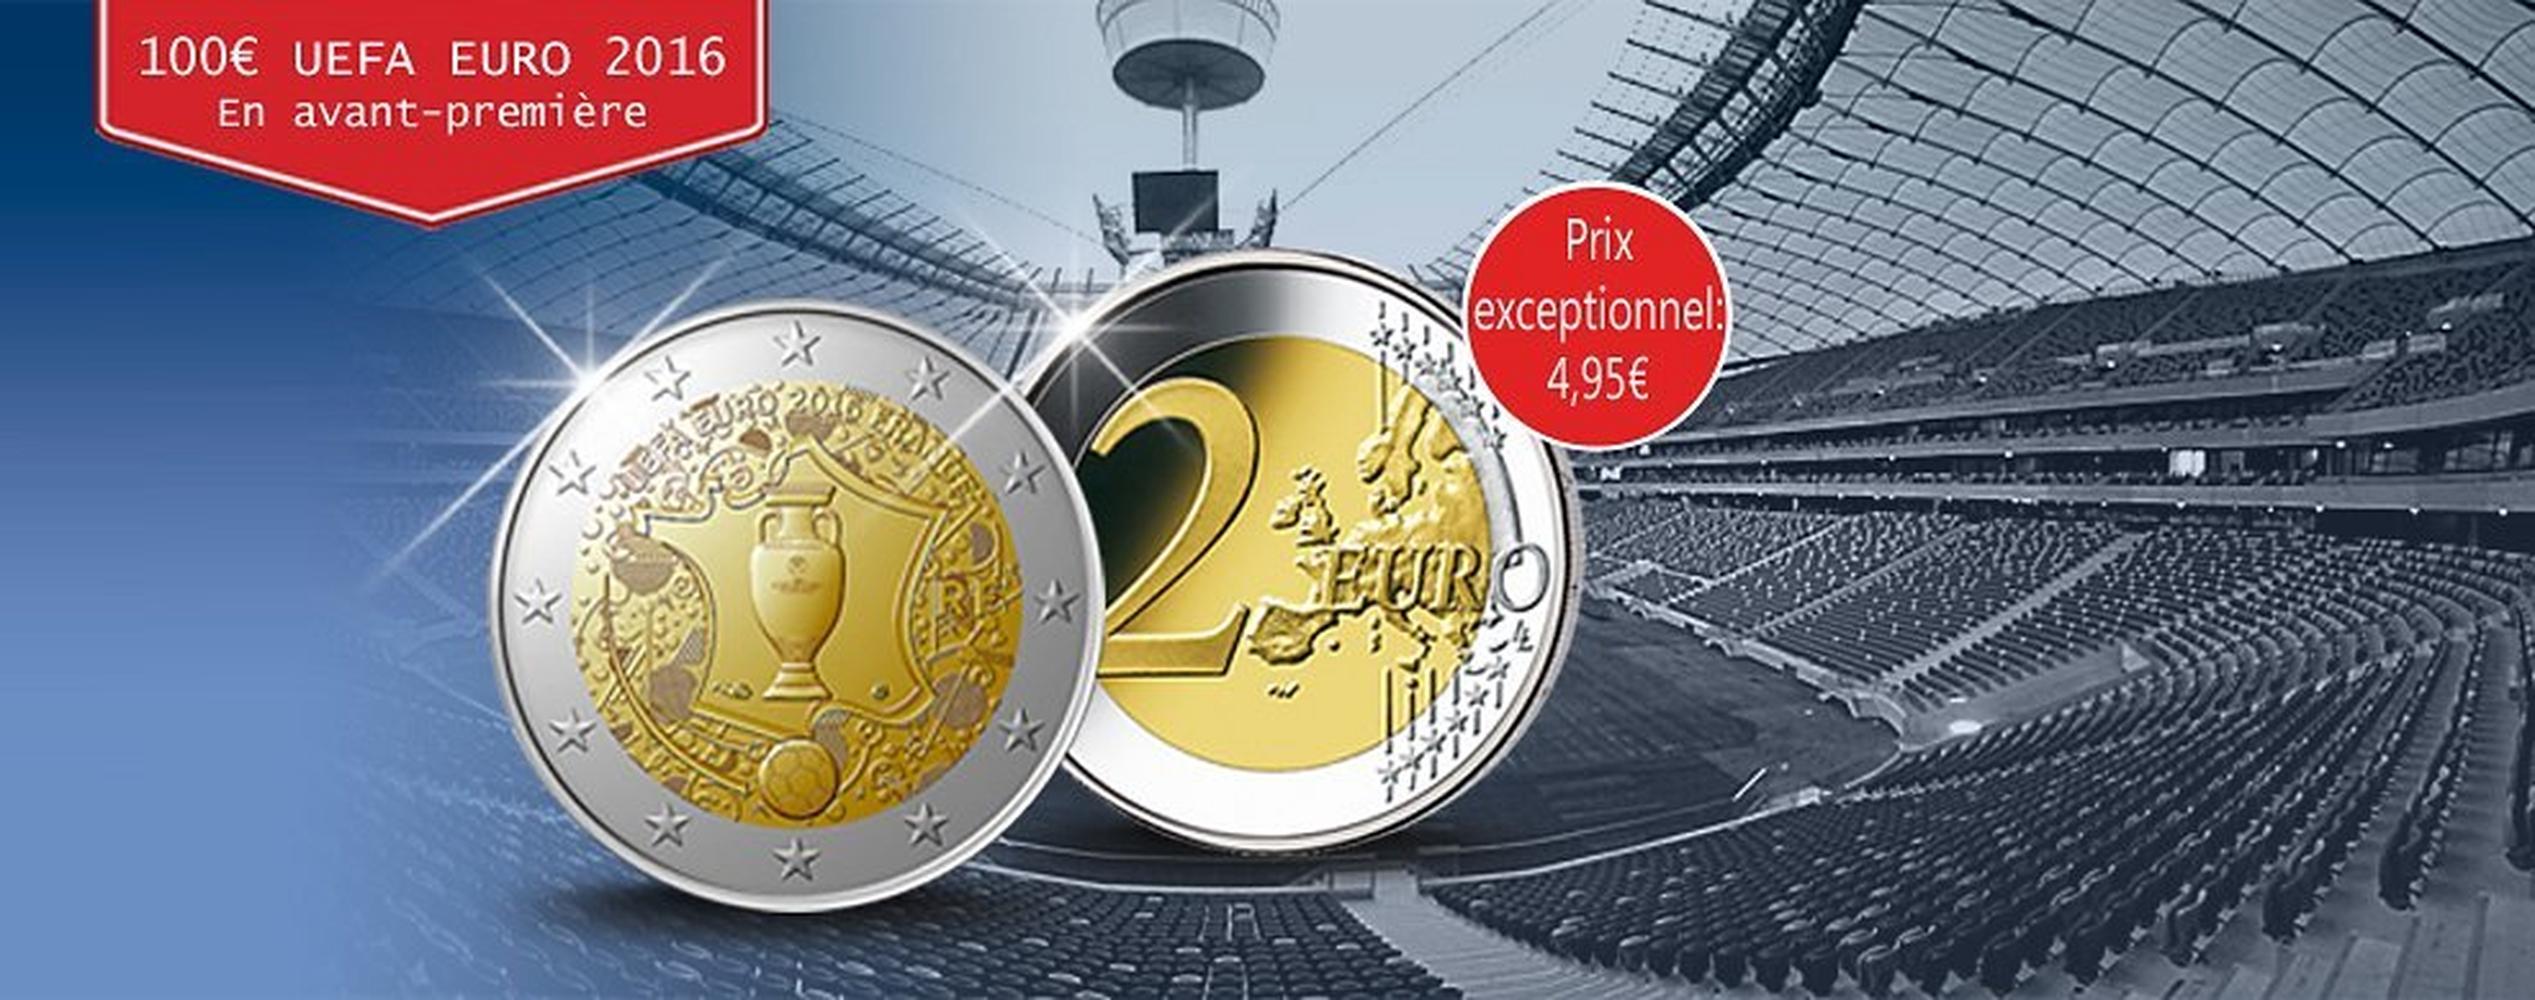 Pièce De 2 Euros Uefa Société Française Des Monnaies